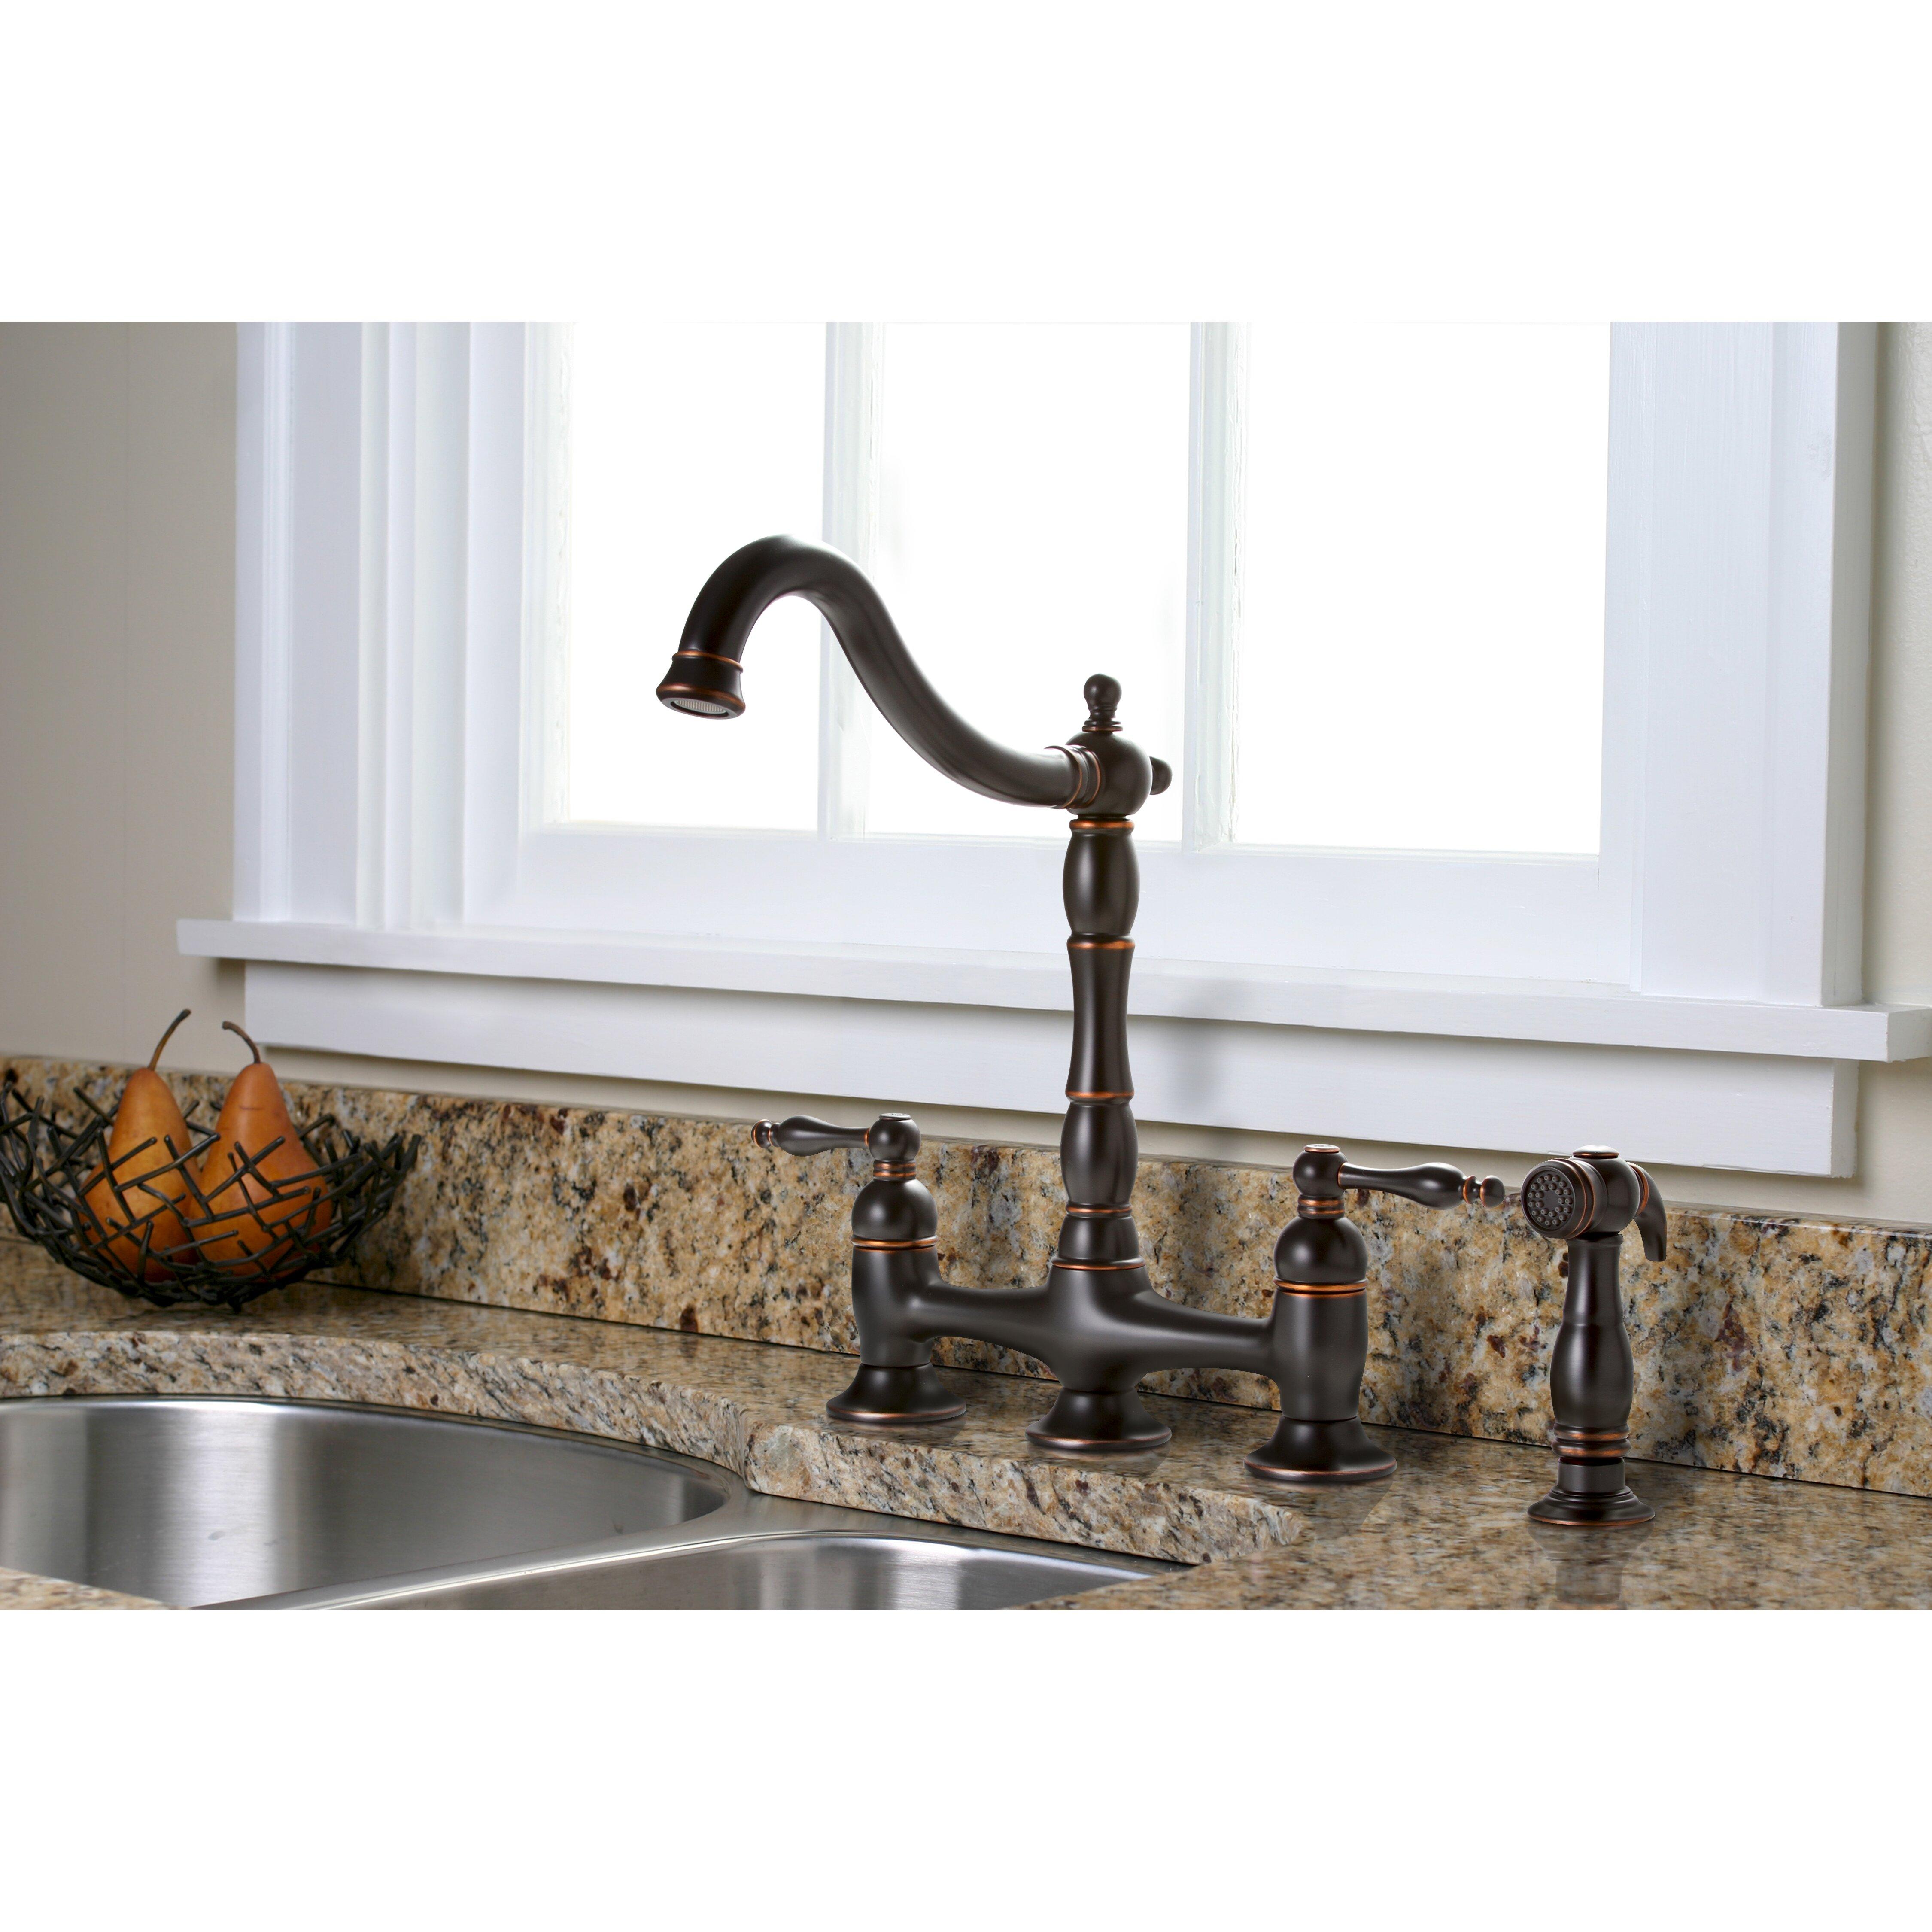 Double Handle Kitchen Faucet Premier Faucet Charlestown Two Handle Bridge Style Kitchen Faucet